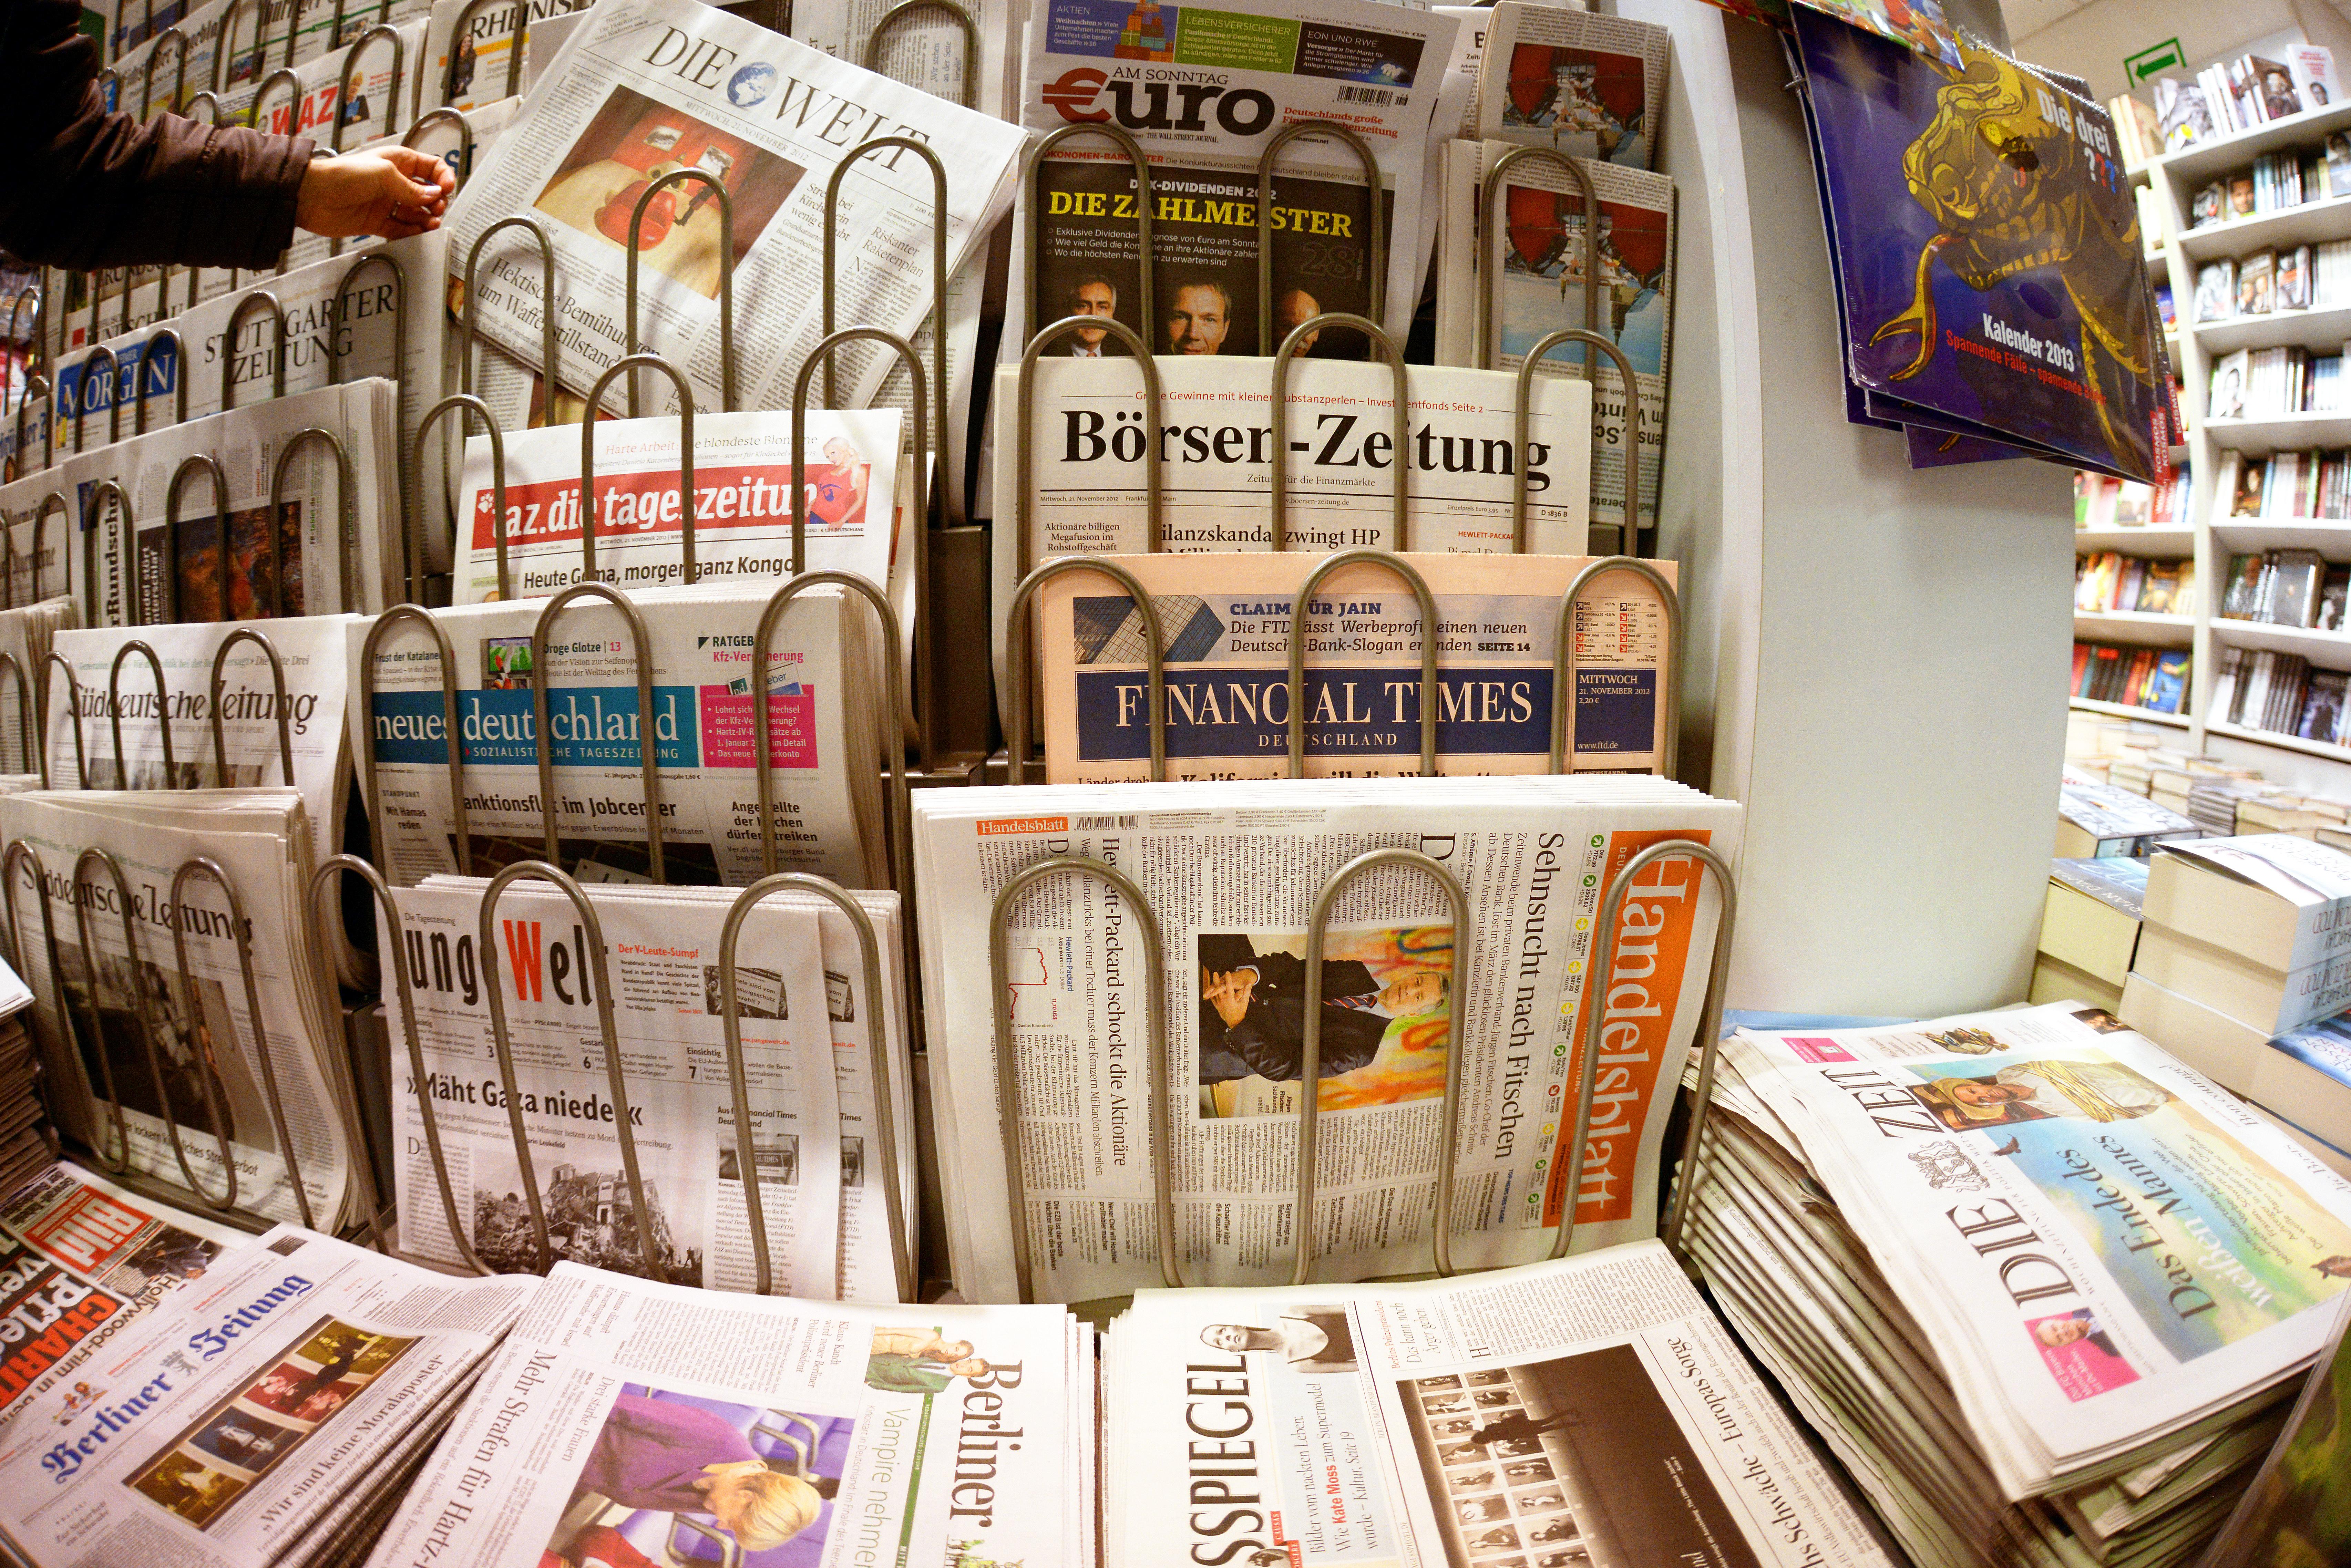 Zeitungs-Auflagen brechen weiter ein: Verluste für Bild, Welt und FAZ